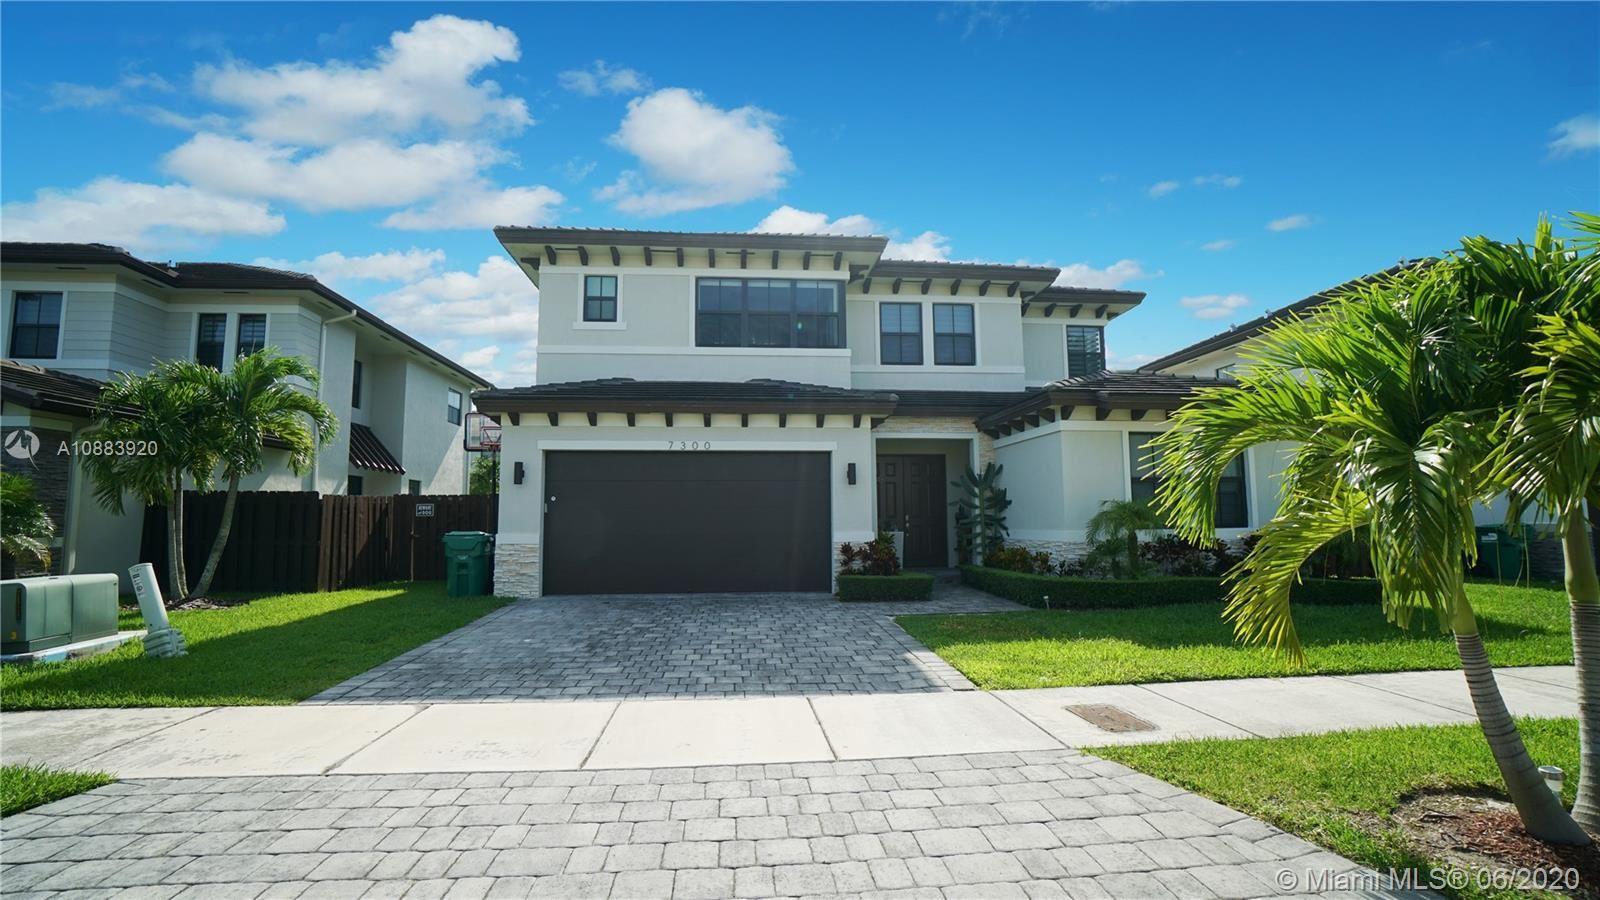 7300 SW 163rd Ave, Miami, FL 33193 - #: A10883920